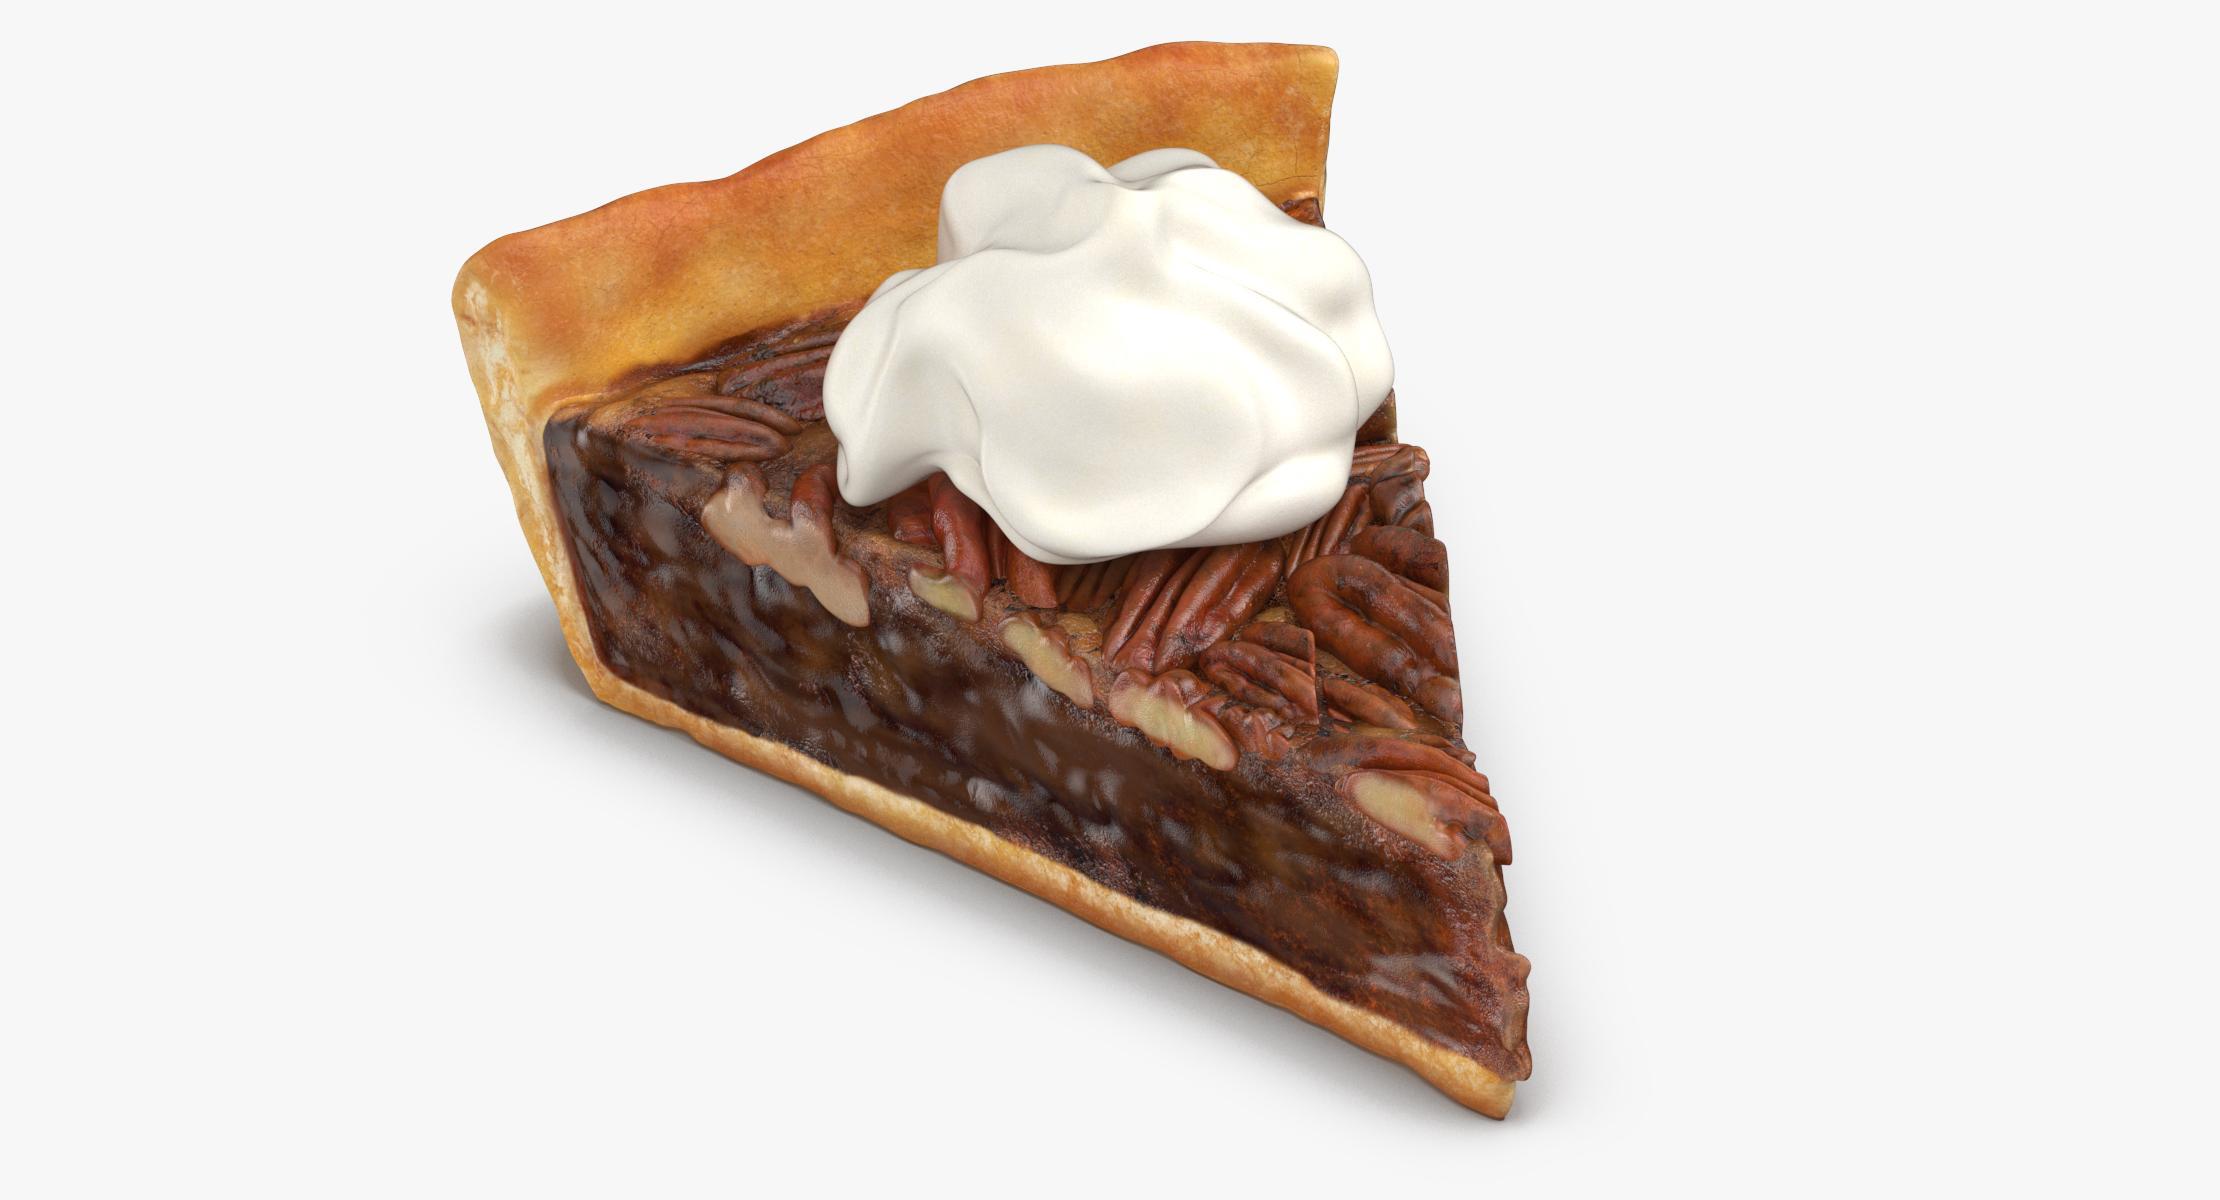 Pecan Pie Slice - reel 1